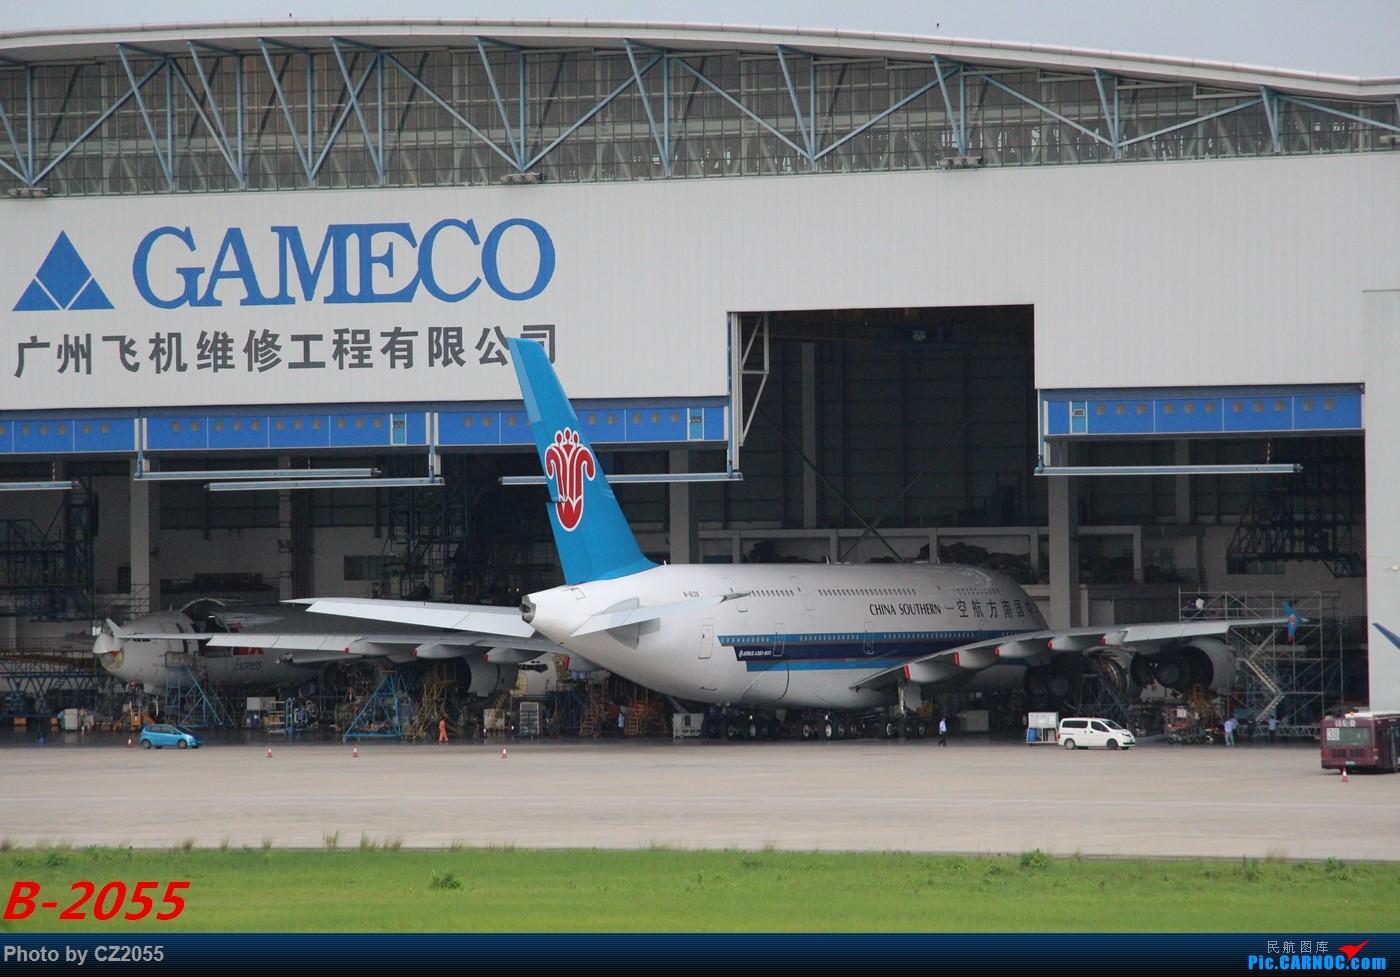 [原创]【广东青少年拍机小队】【C-Z-2055】灰常灰常倒霉的一次拍机! A380-800 B-6139 中国广州白云国际机场